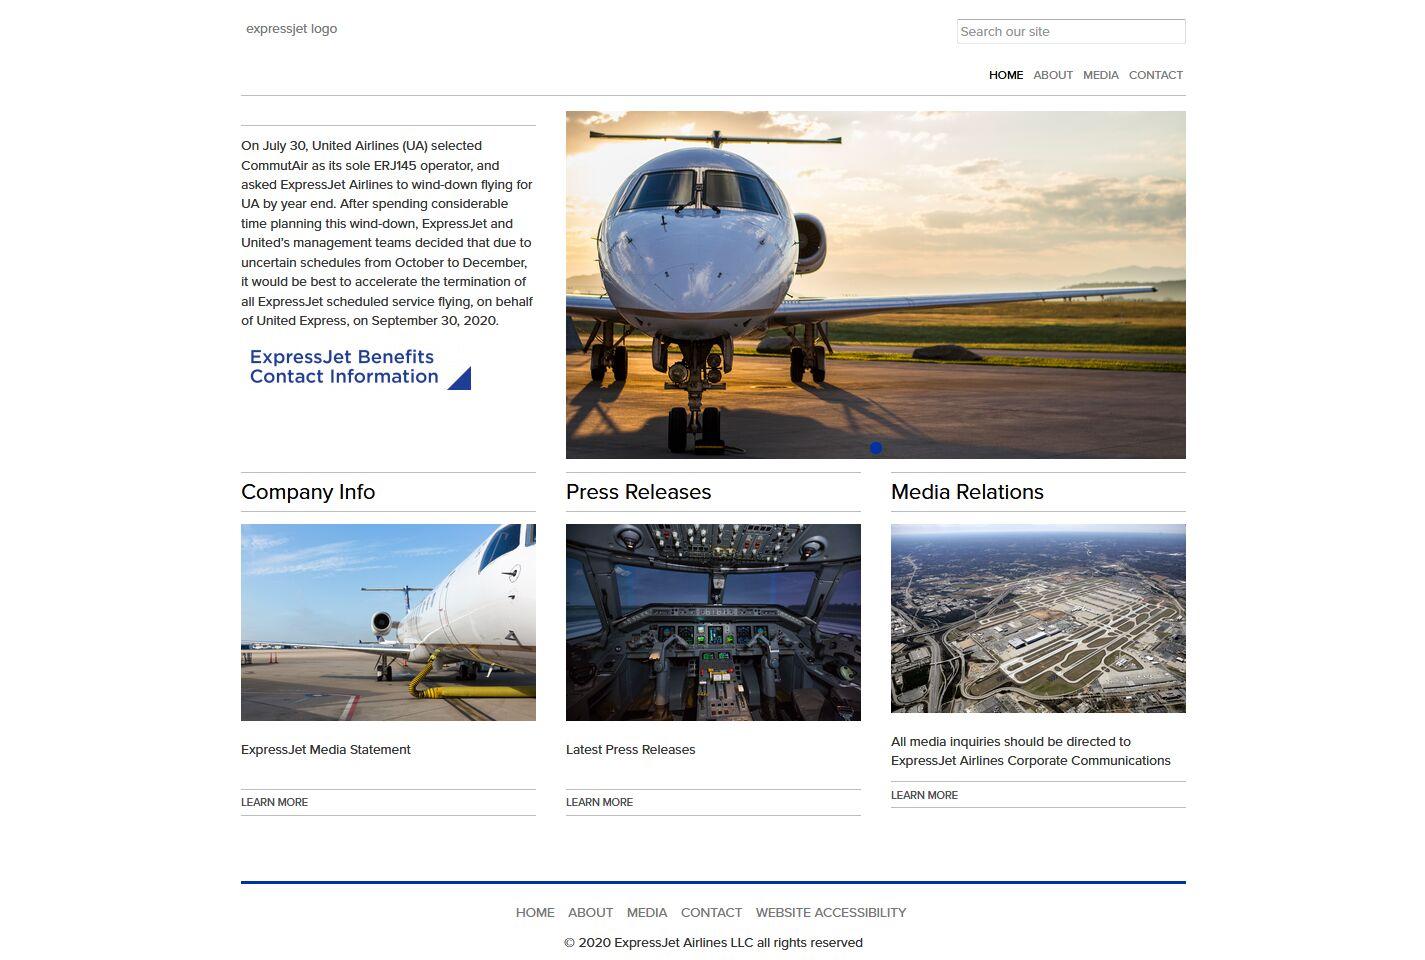 大西洋东南航空官网